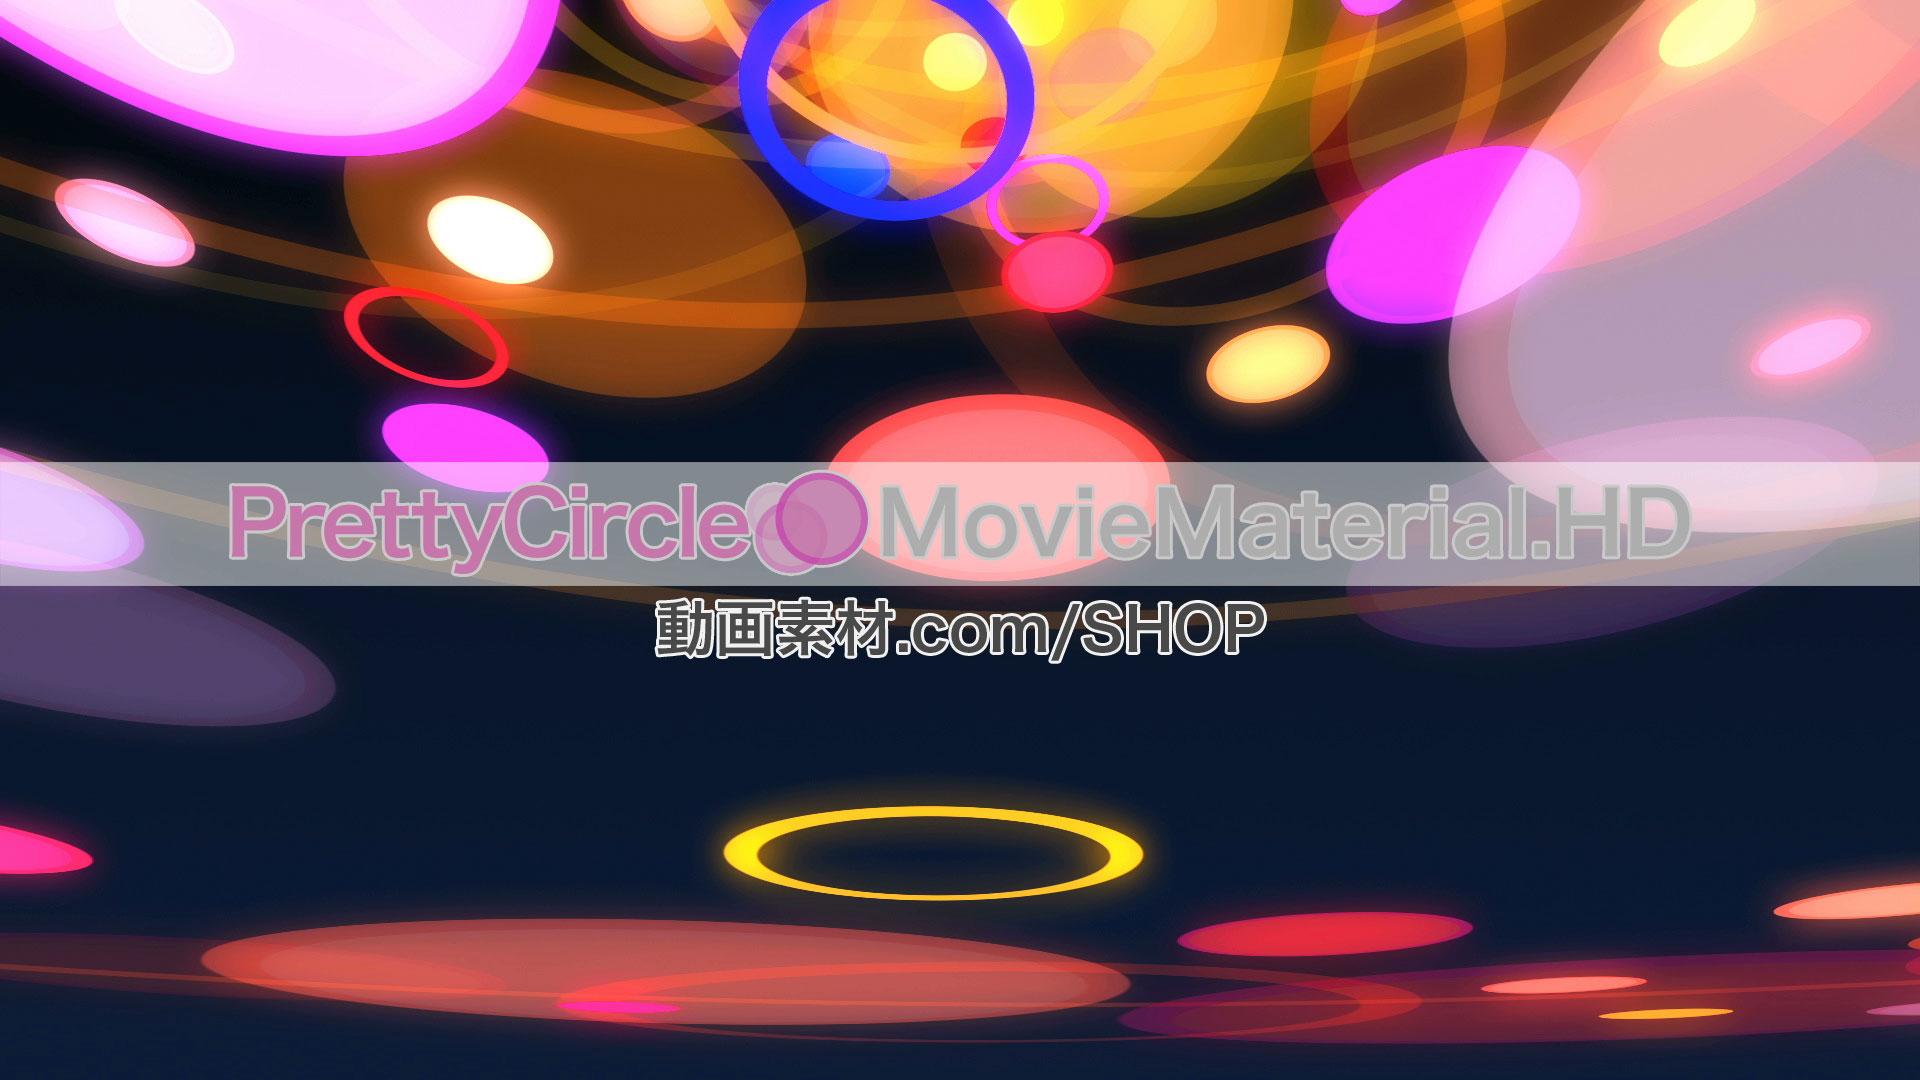 PrettyCircle MovieMaterial.HD 丸や玉をモチーフにしたフルハイビジョンCG動画素材集 ロイヤリティフリーimage5